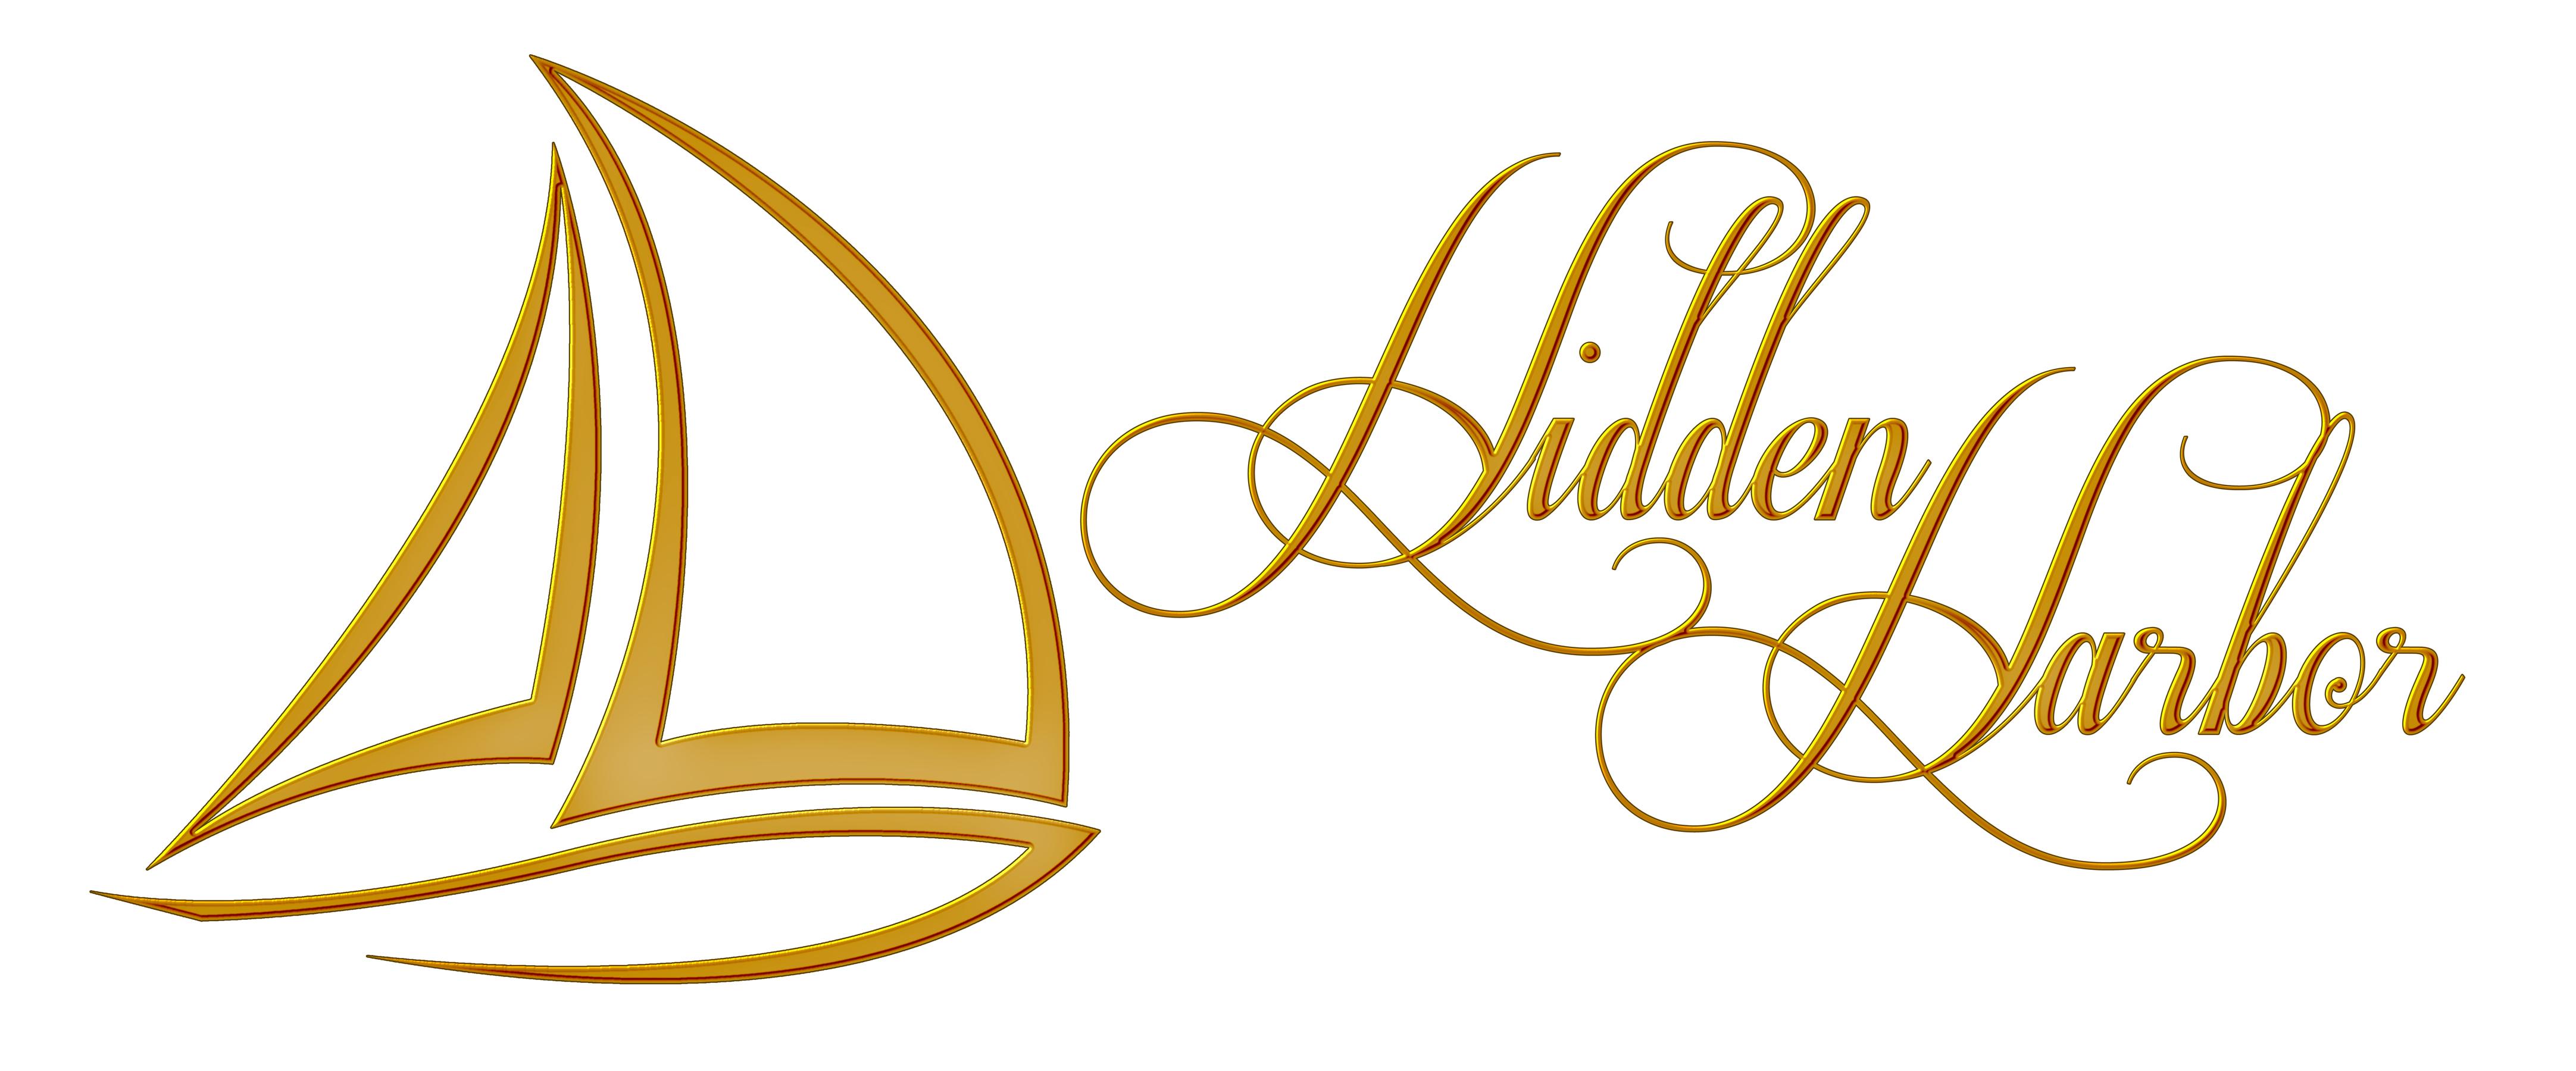 HiddenHarborLogo_Abstract_v1whitebkgrndSmall.jpg